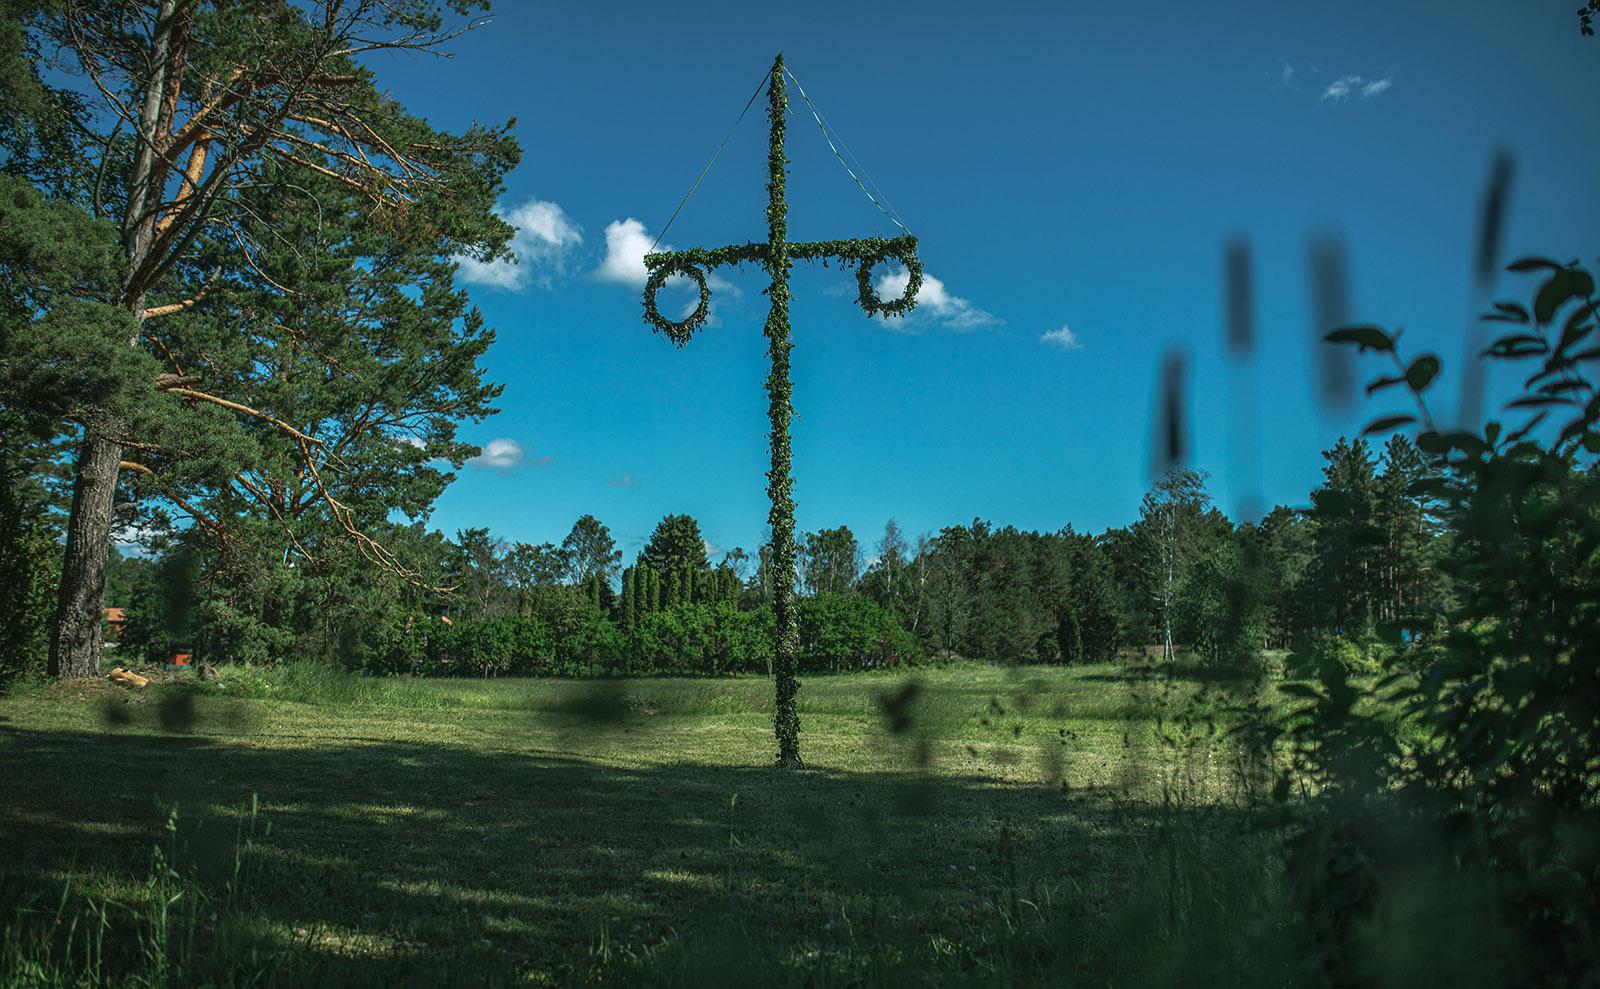 midsommar pole in a green field in sweden